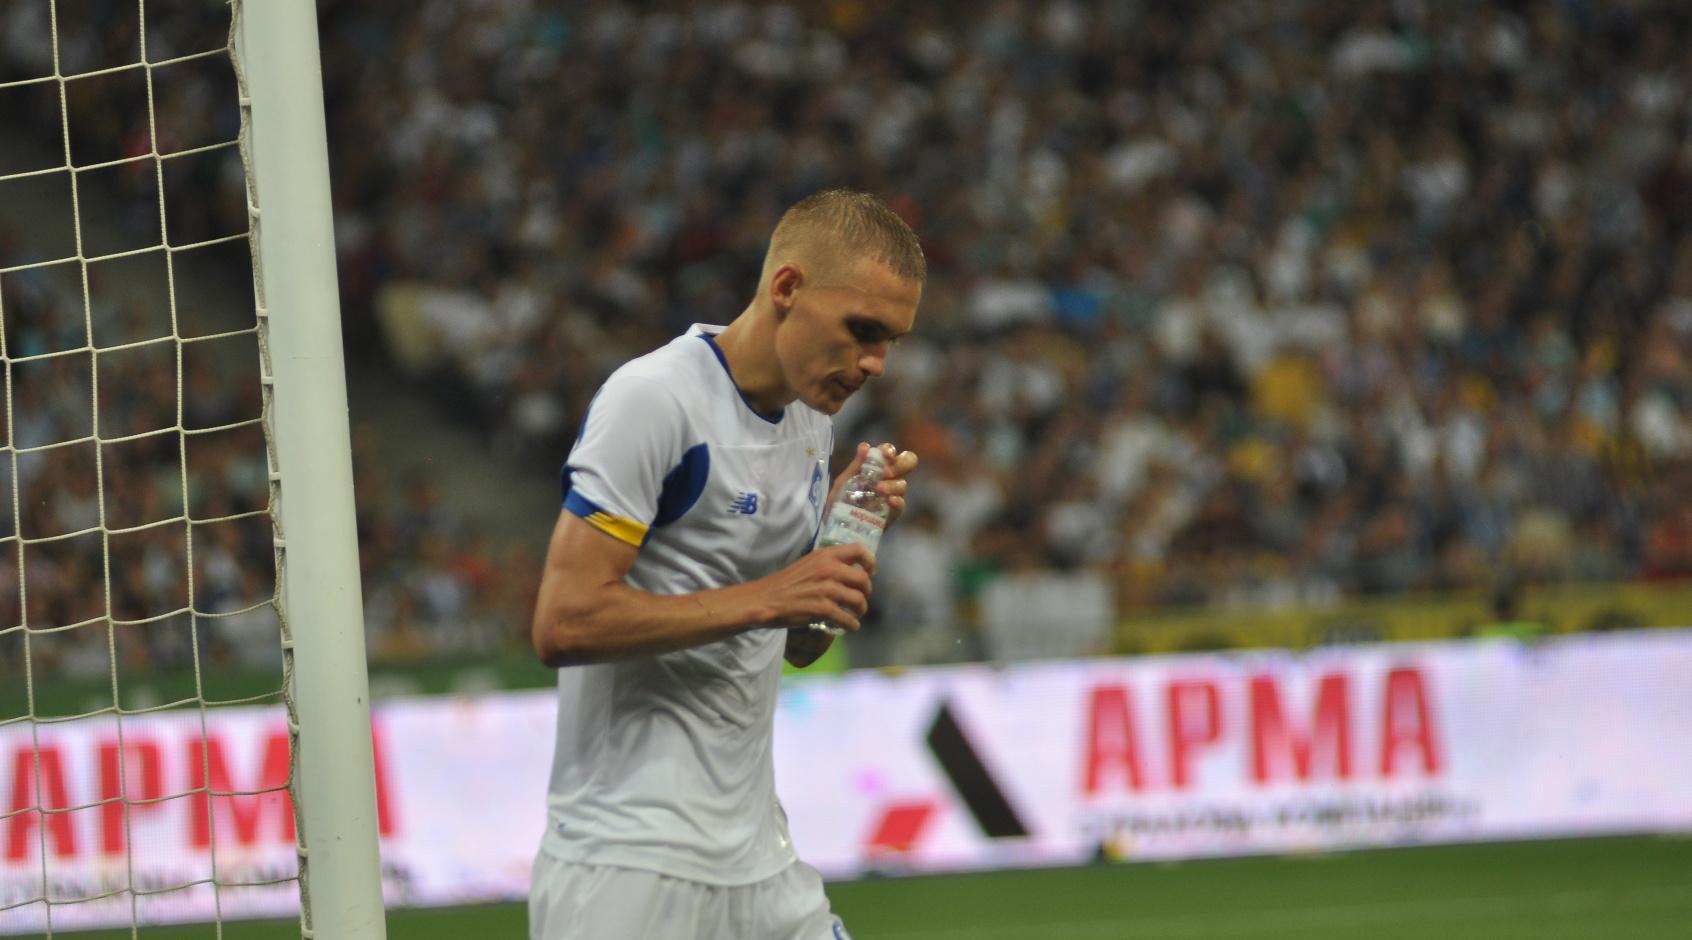 Vitalij Buyalskij Tak Kak My Segodnya Igrali V Futbol Igrat Nelzya Footboom